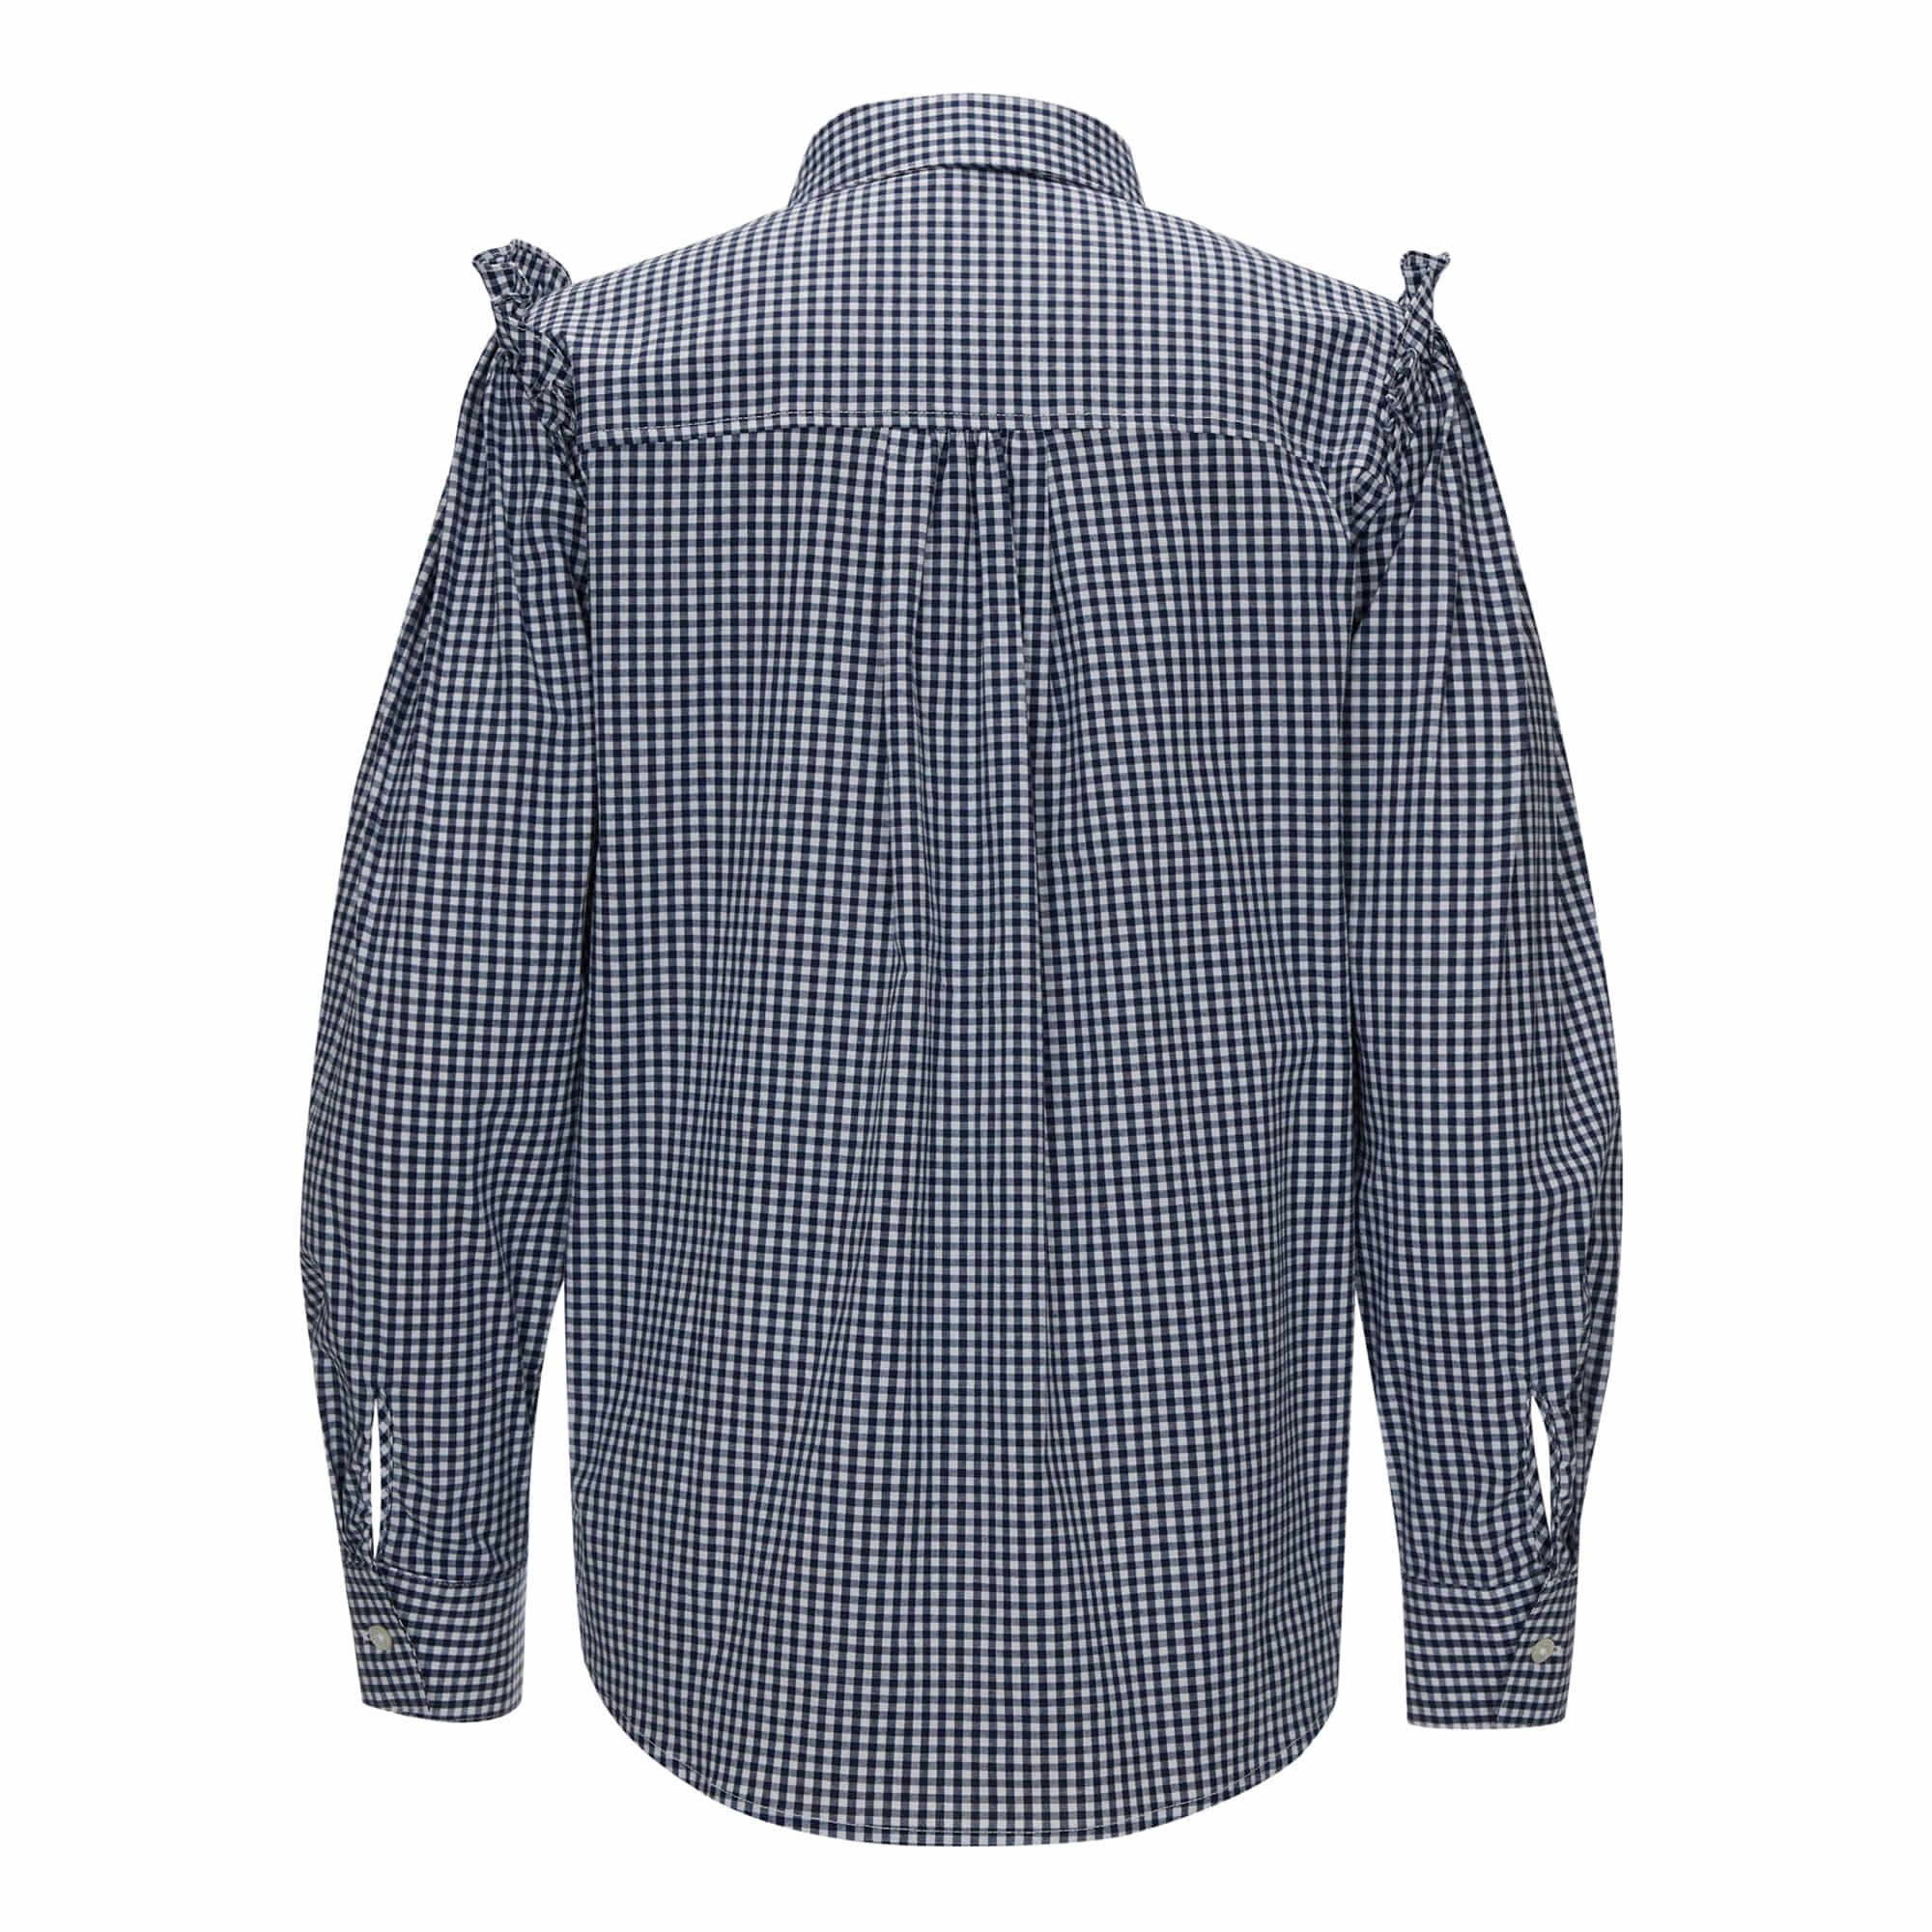 Humming Frill Shirt (허밍 프릴 셔츠) Navy